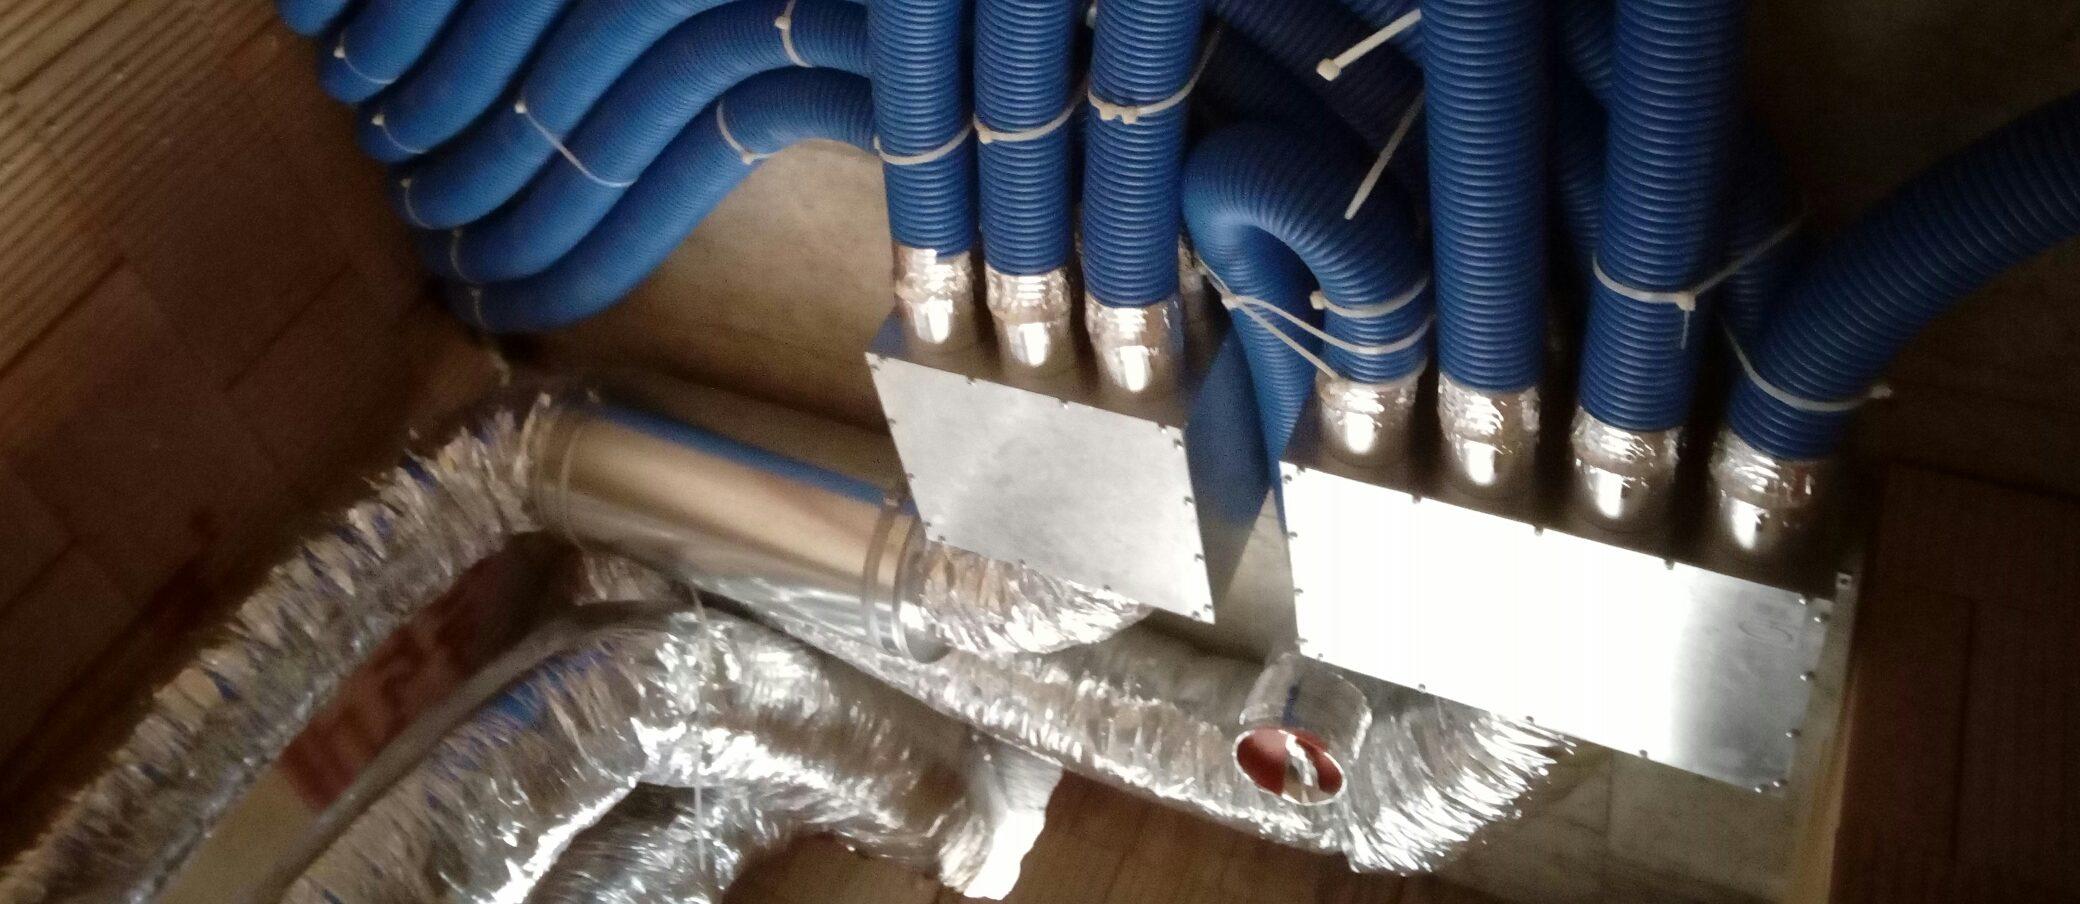 I svépomocí lze správně a odborně instalovat větrací rekuperační jednotku